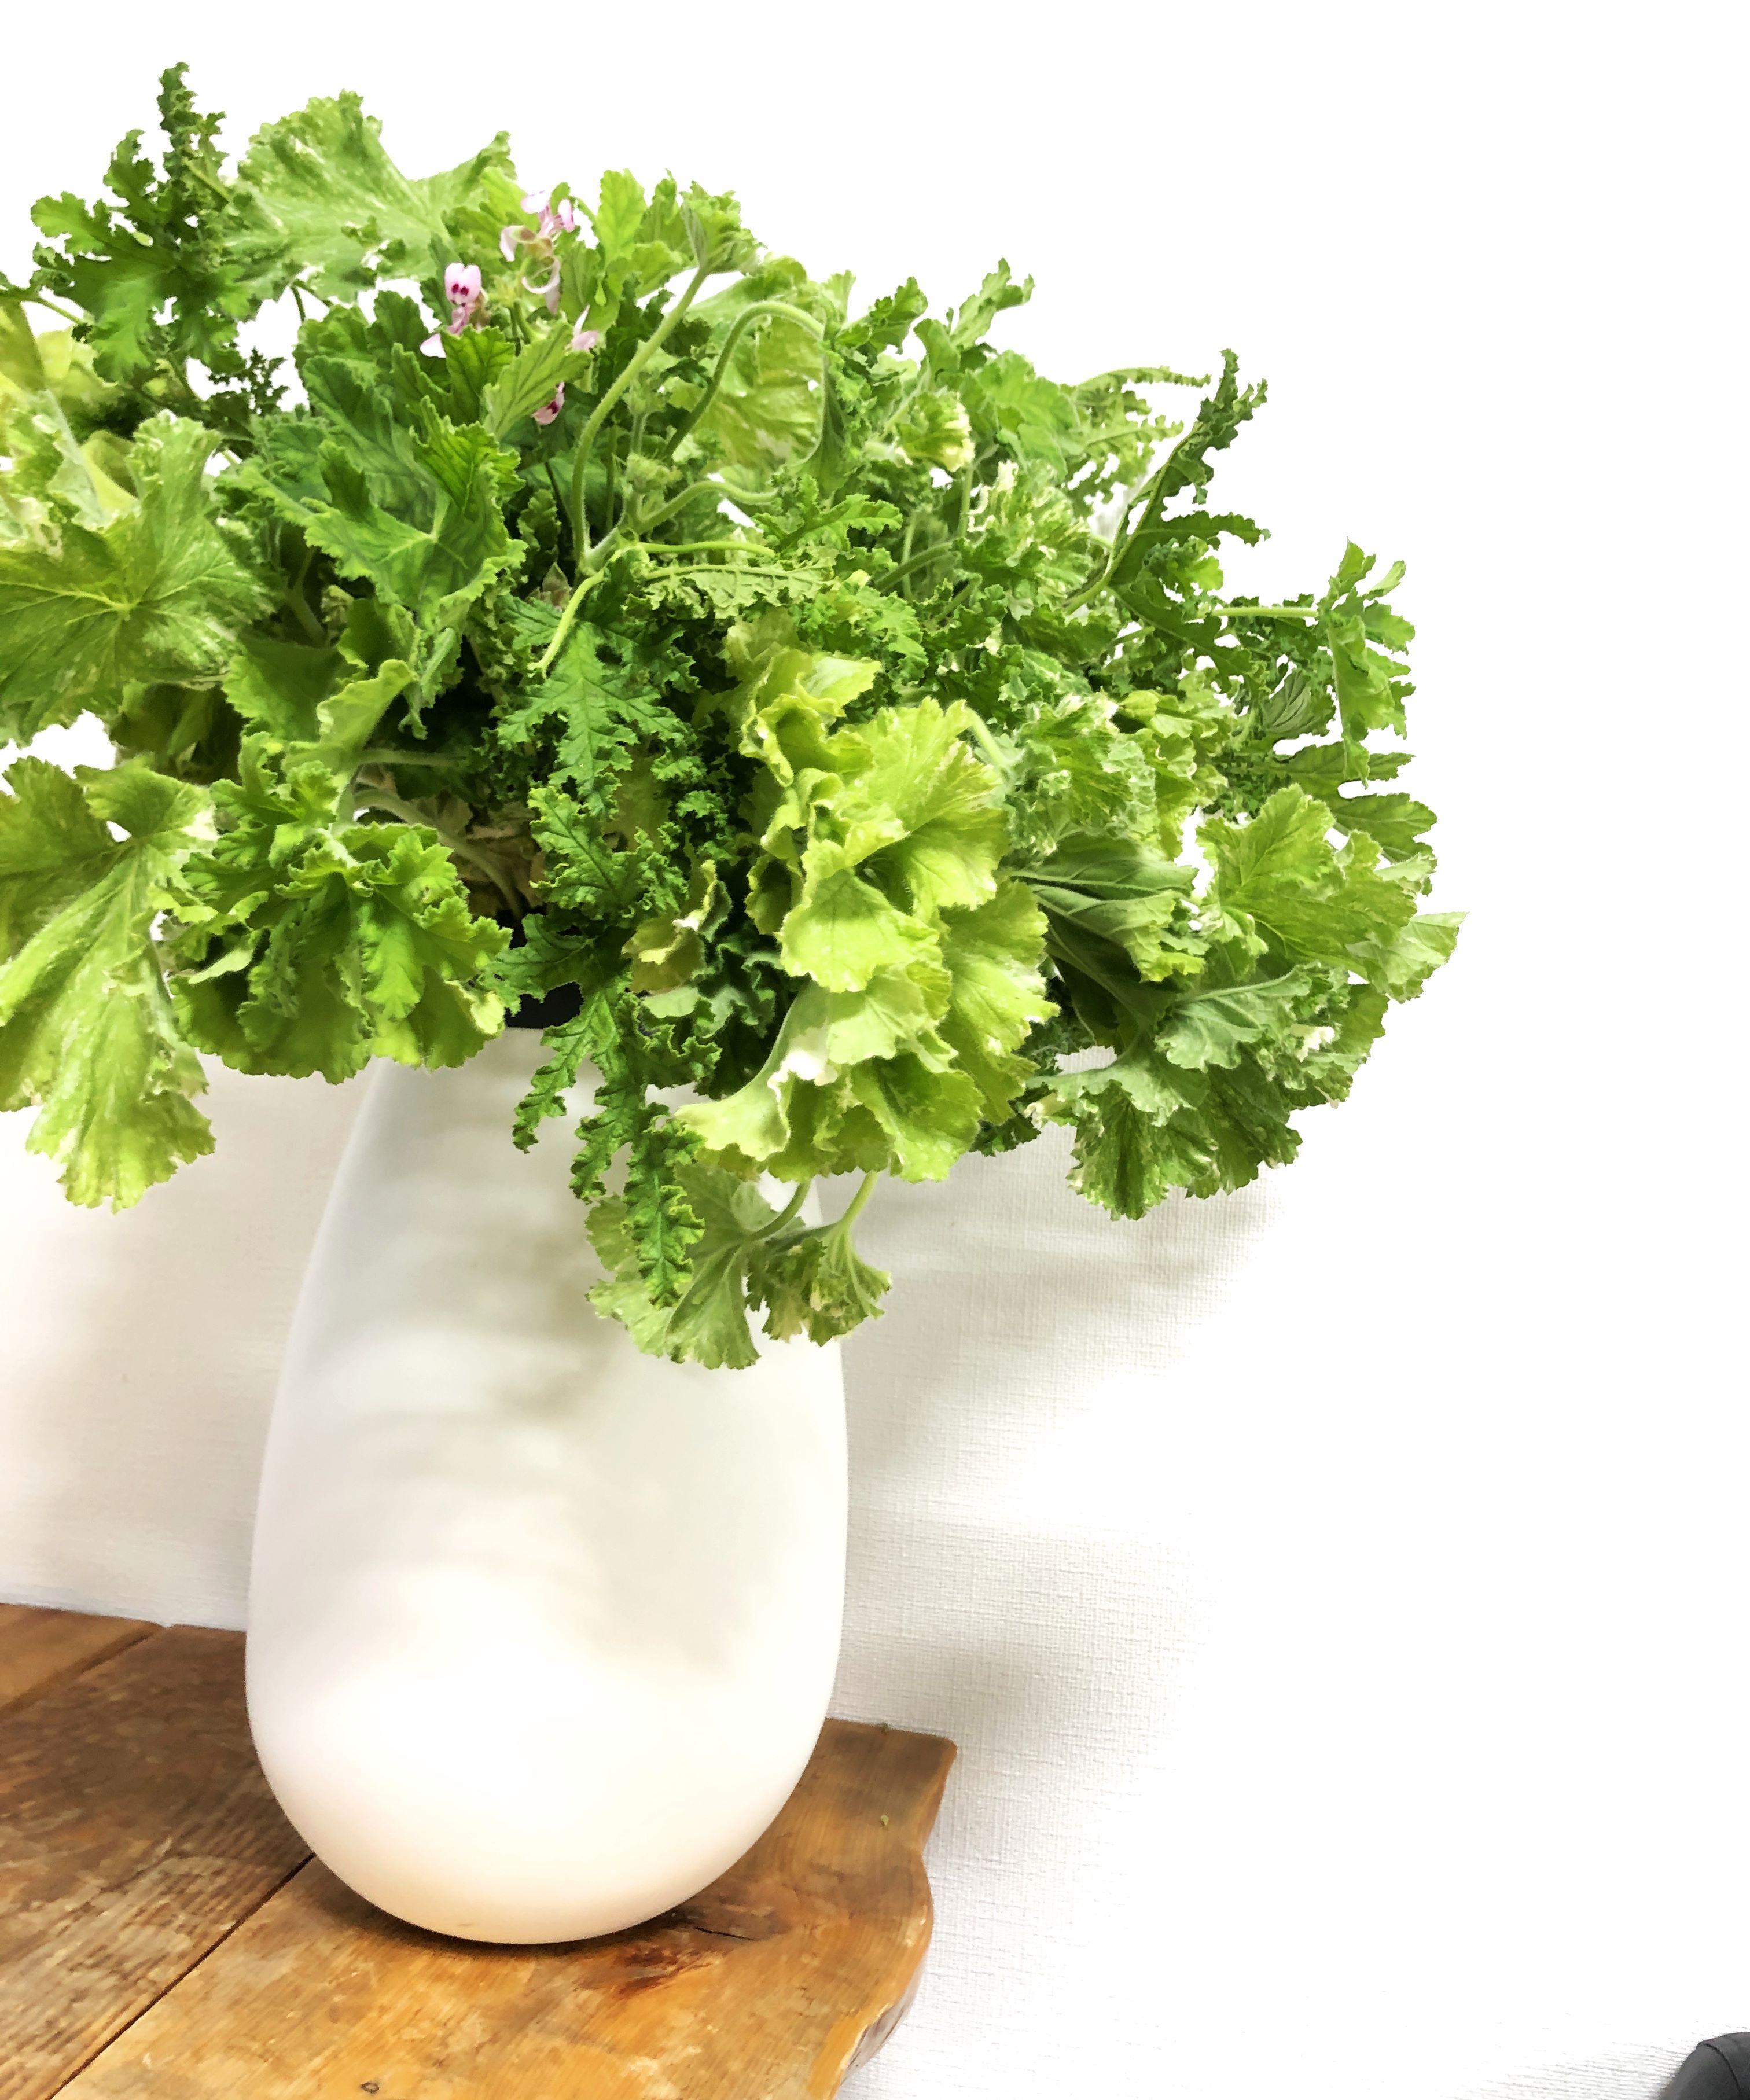 4種類のゼラニュームミックス 癒しの香りハーブグリーンブーケ 20本 送料無料